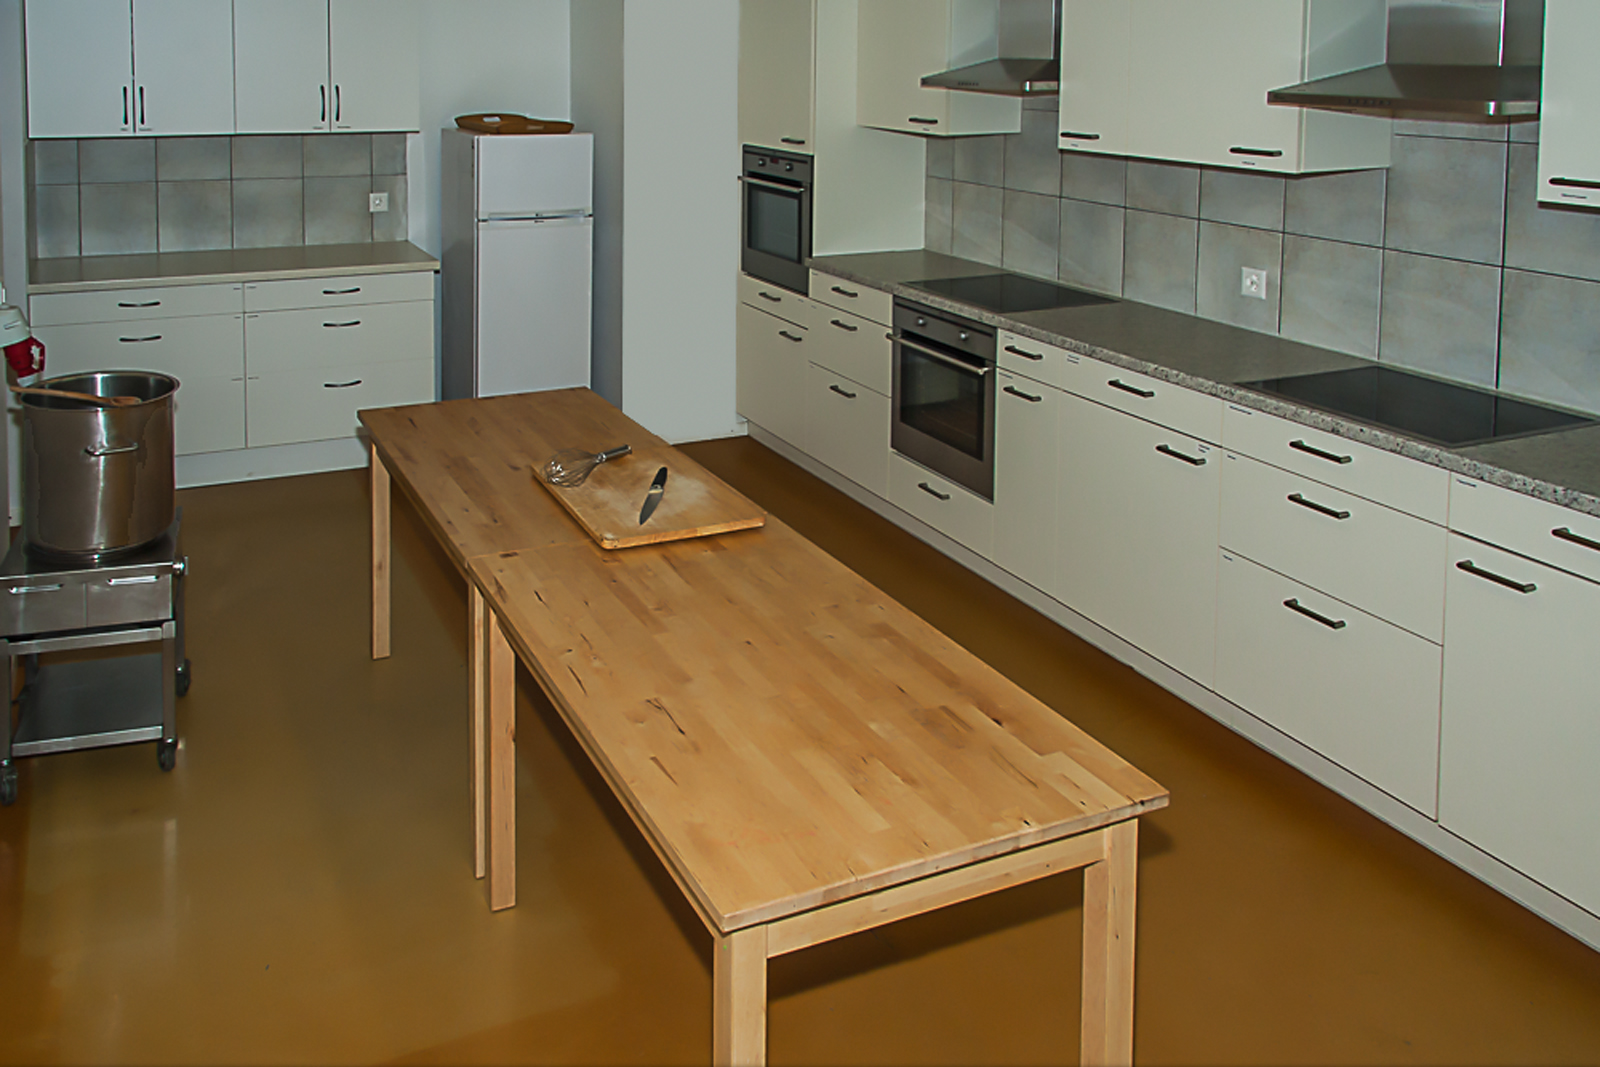 Miete Küche Mietwohnung Attraktive 4 5 Zimmer Wohnung Mit